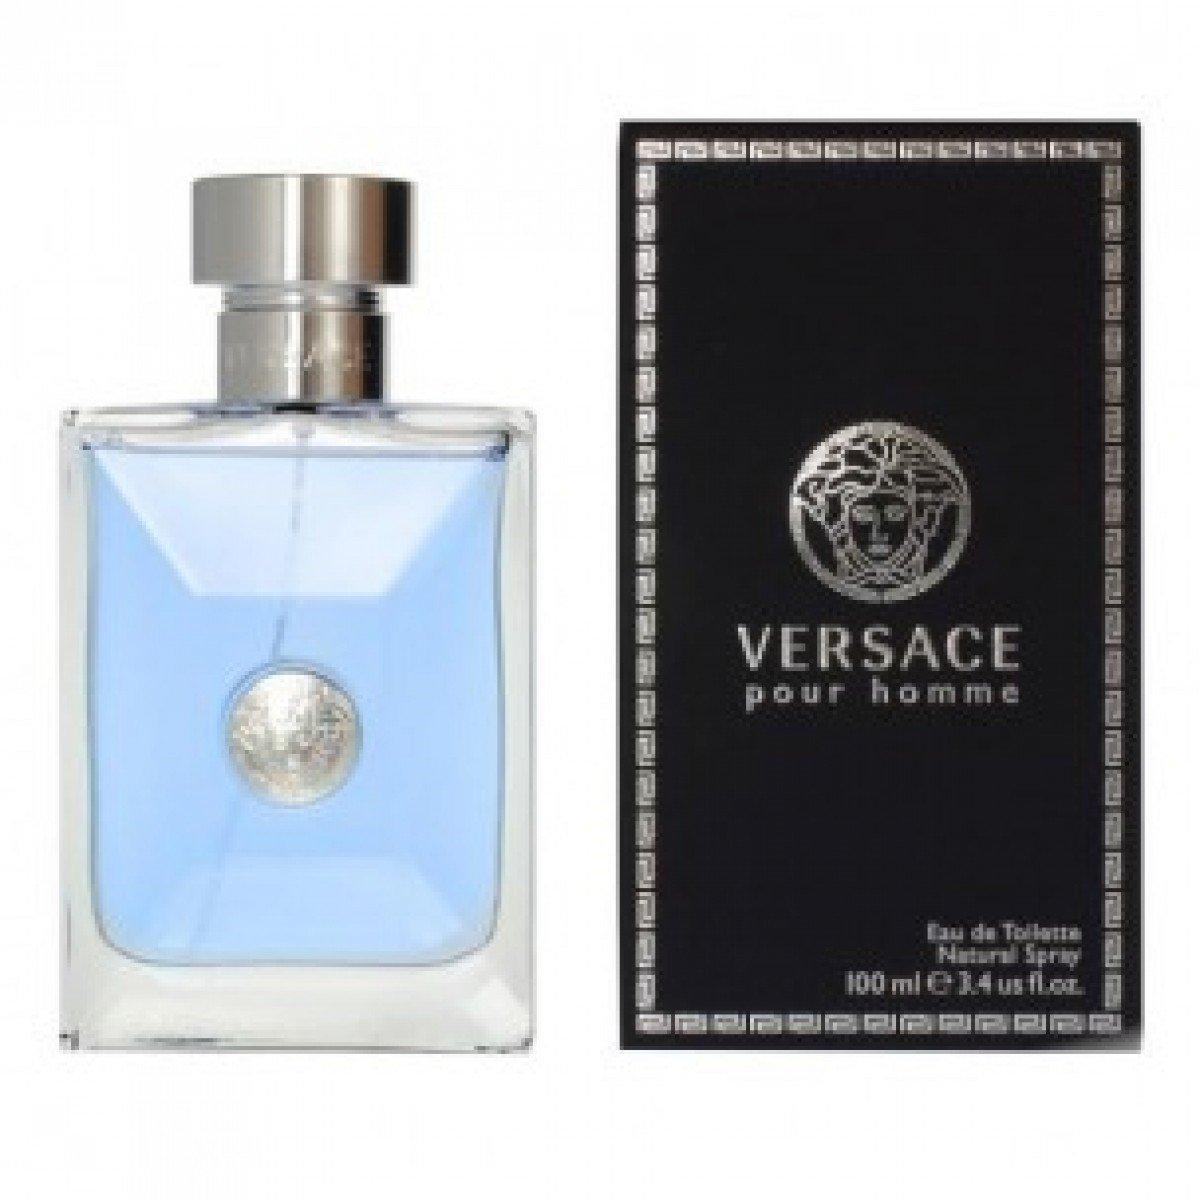 Versace Pour Homme Cologne for Men - 3.4oz/100ml